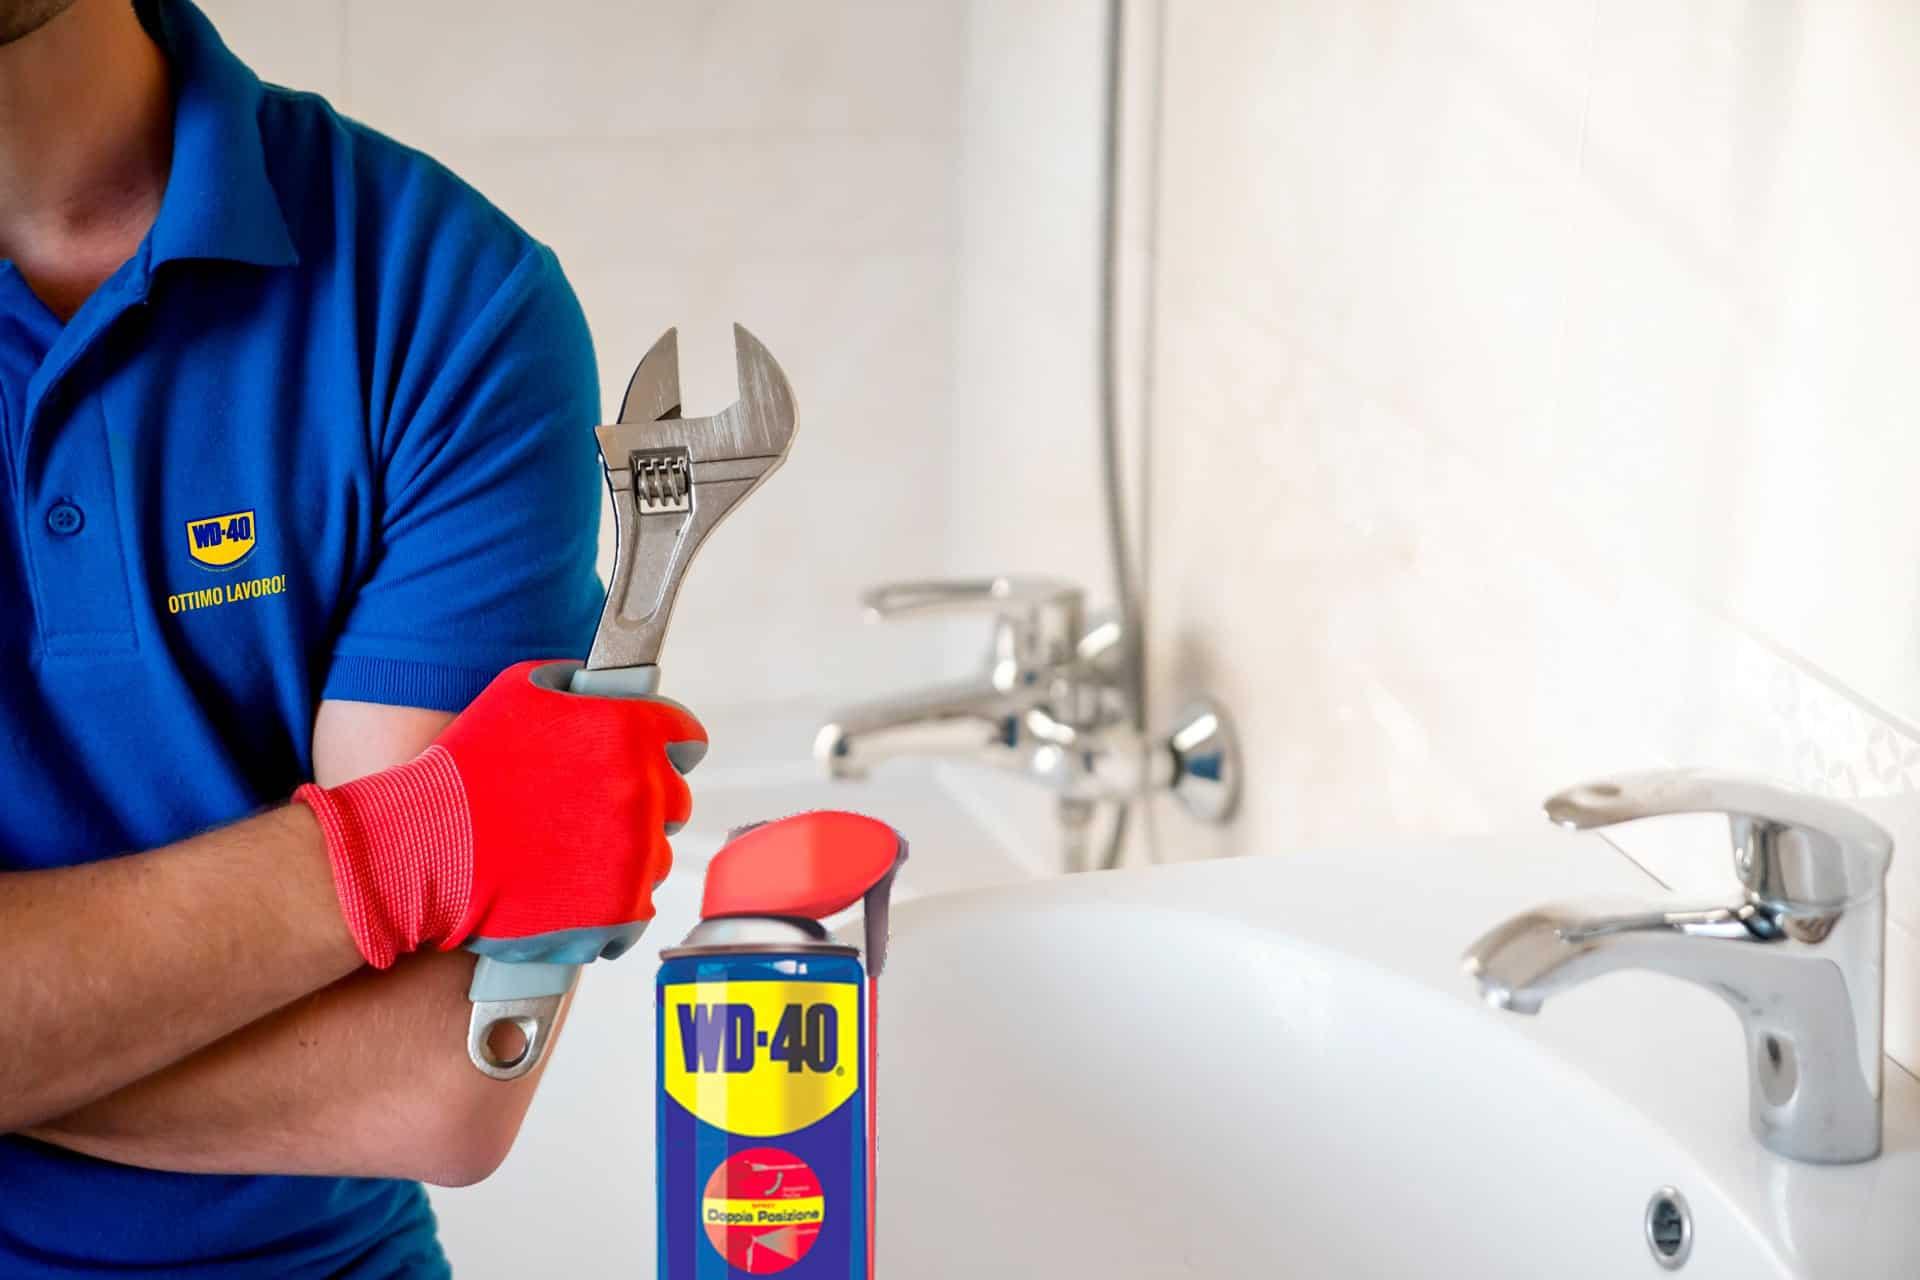 come riparare un rubinetto02